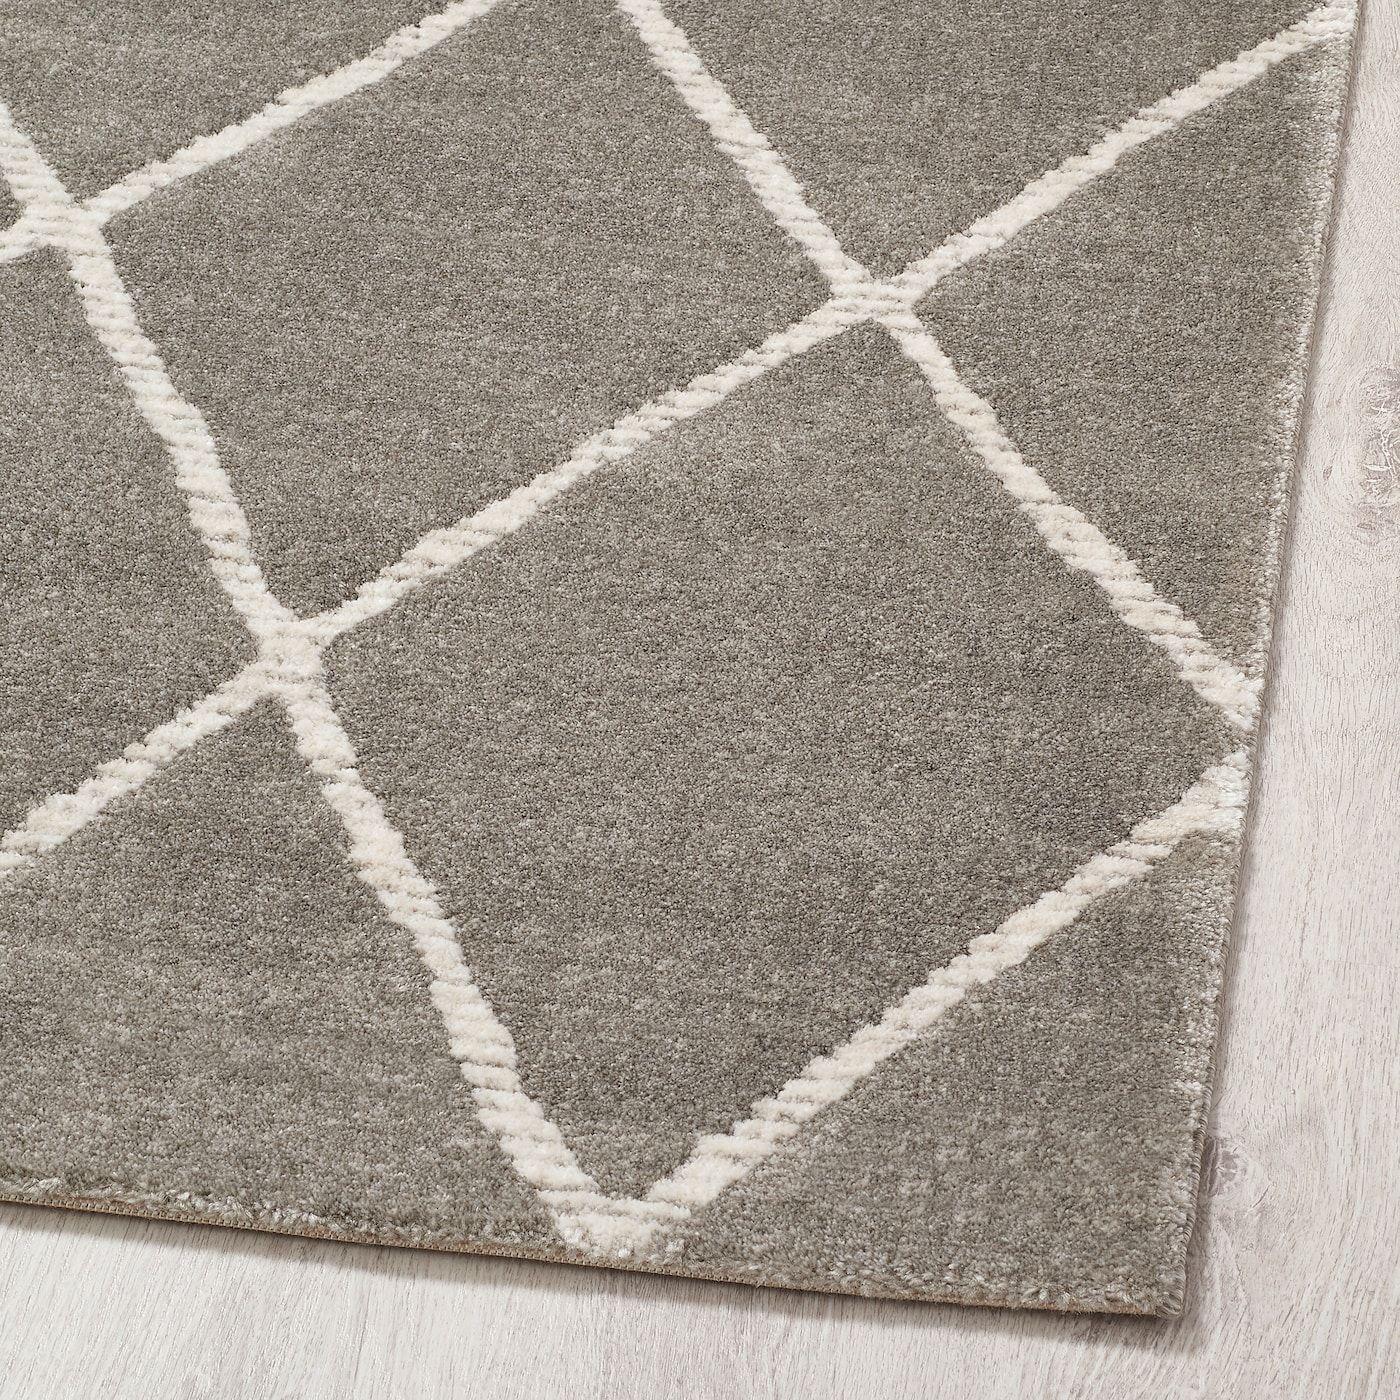 Vantore Rug Low Pile Gray White Diamond Pattern 7 10 X9 10 Diamond Pattern Patterned Carpet Rugs